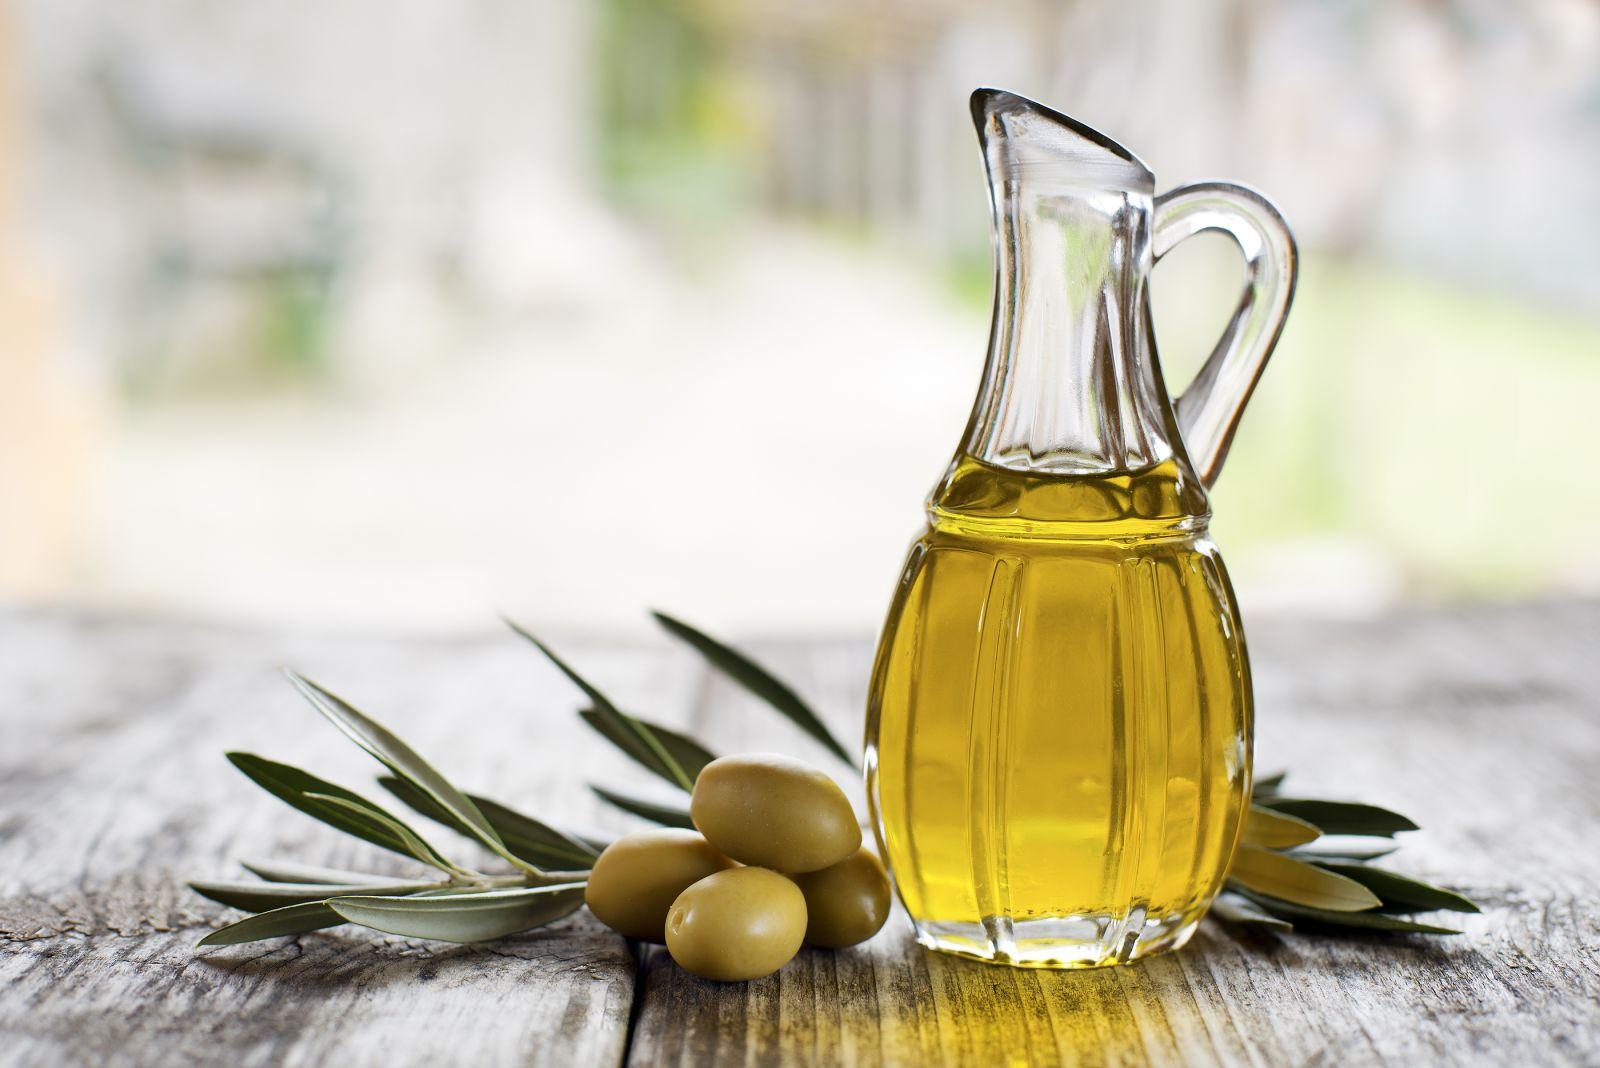 Оливковое масло для лица: свойства и применение